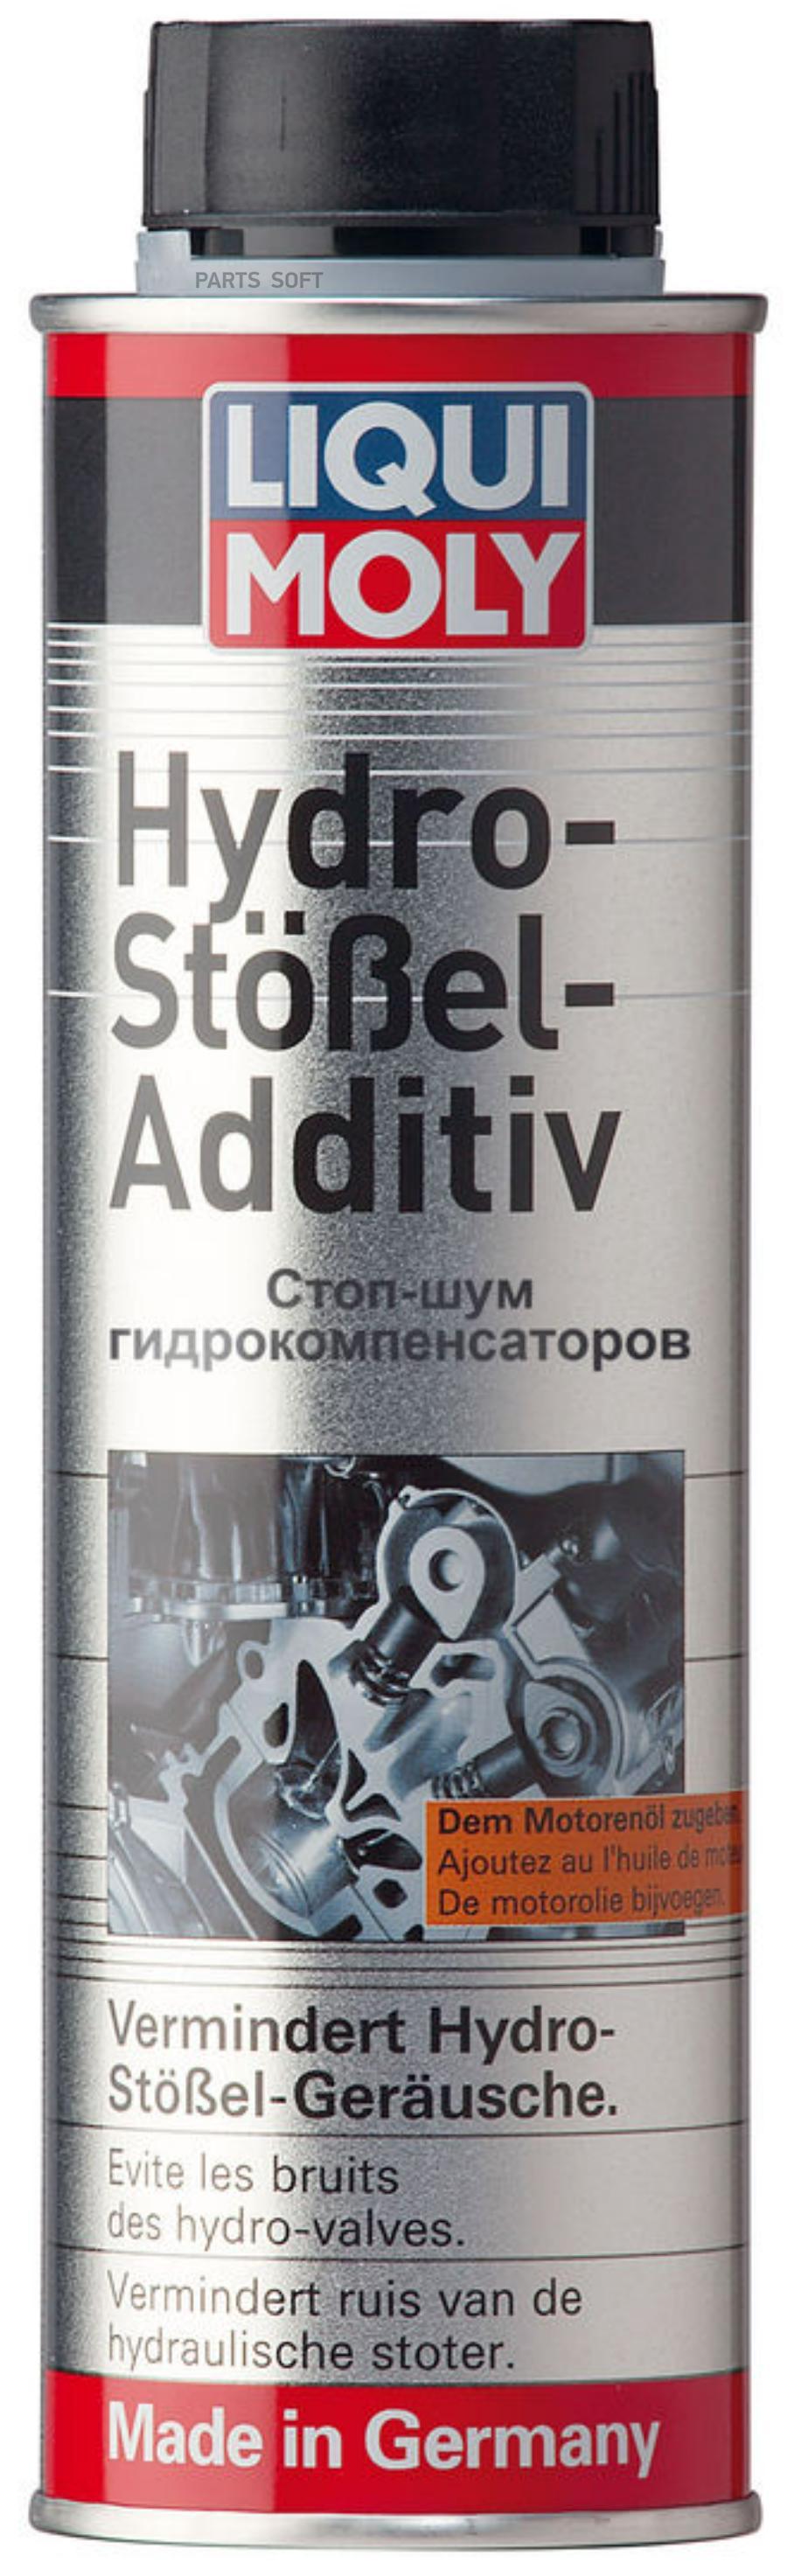 Присадка для гидрокомпенаторов СТОП-ШУМ (300 мл.)